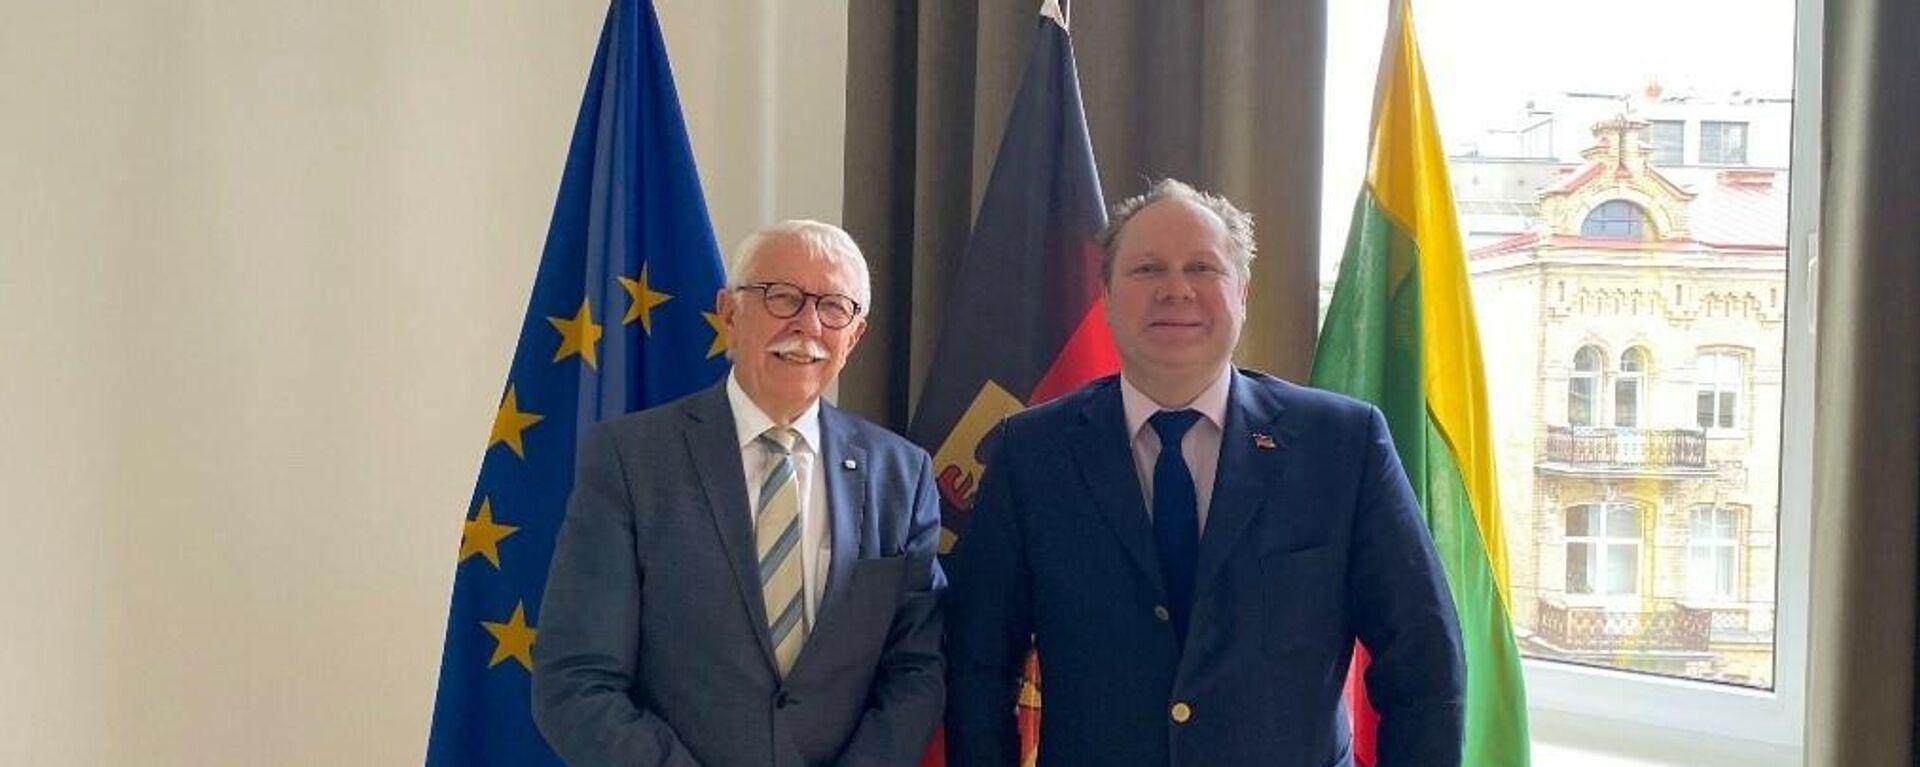 Die AfD-Bundestagsabgeordneten Paul Podolay (links) und Siegbert Droese bei einem Besuch in Litauen - SNA, 1920, 14.08.2021